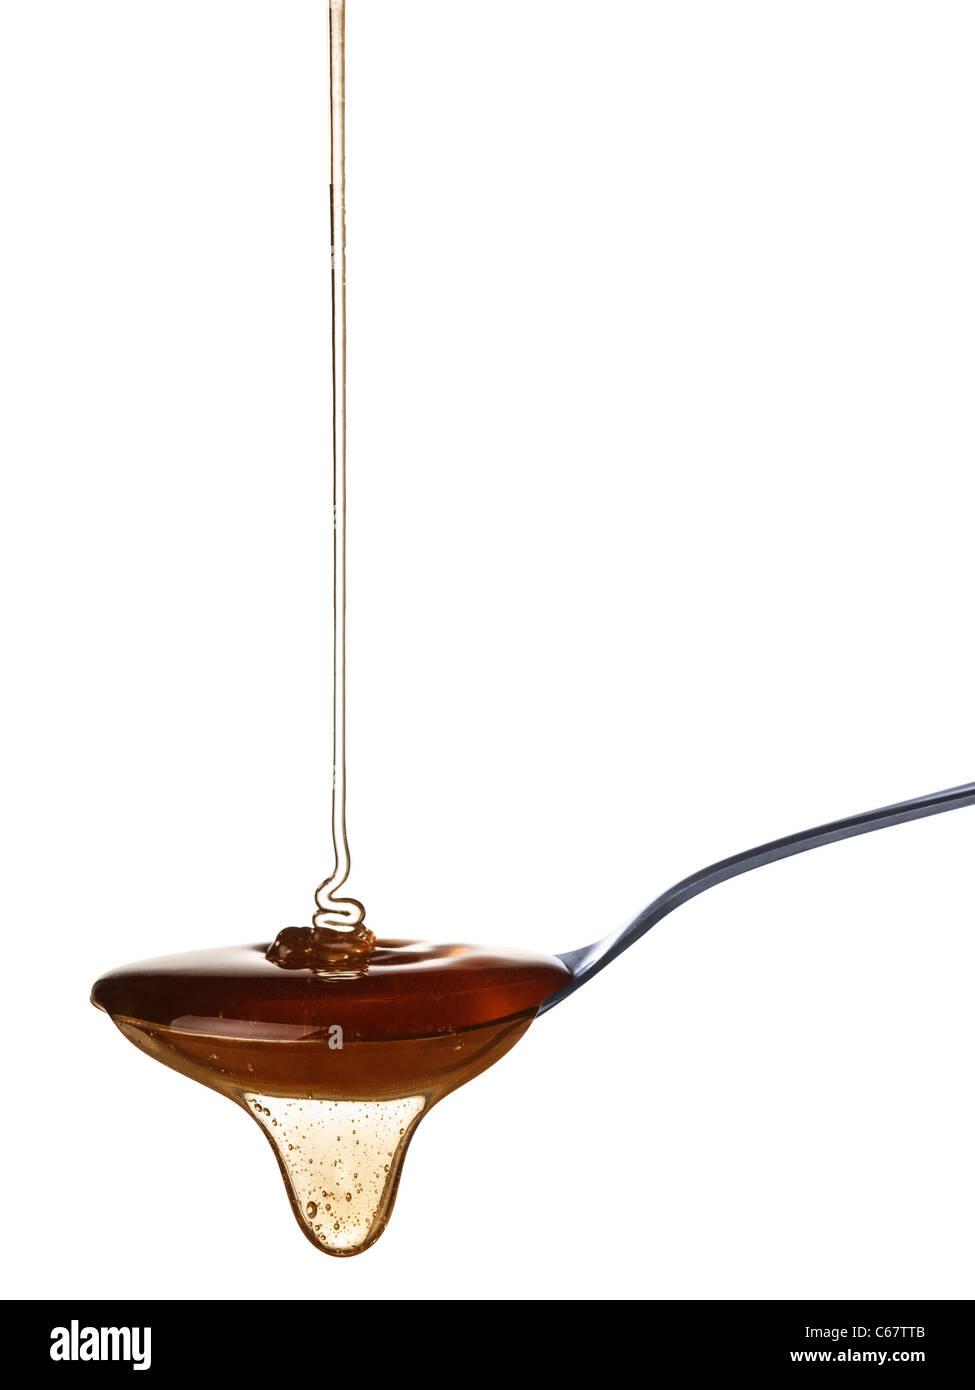 The honey slowly falls onto the spoon. - Stock Image